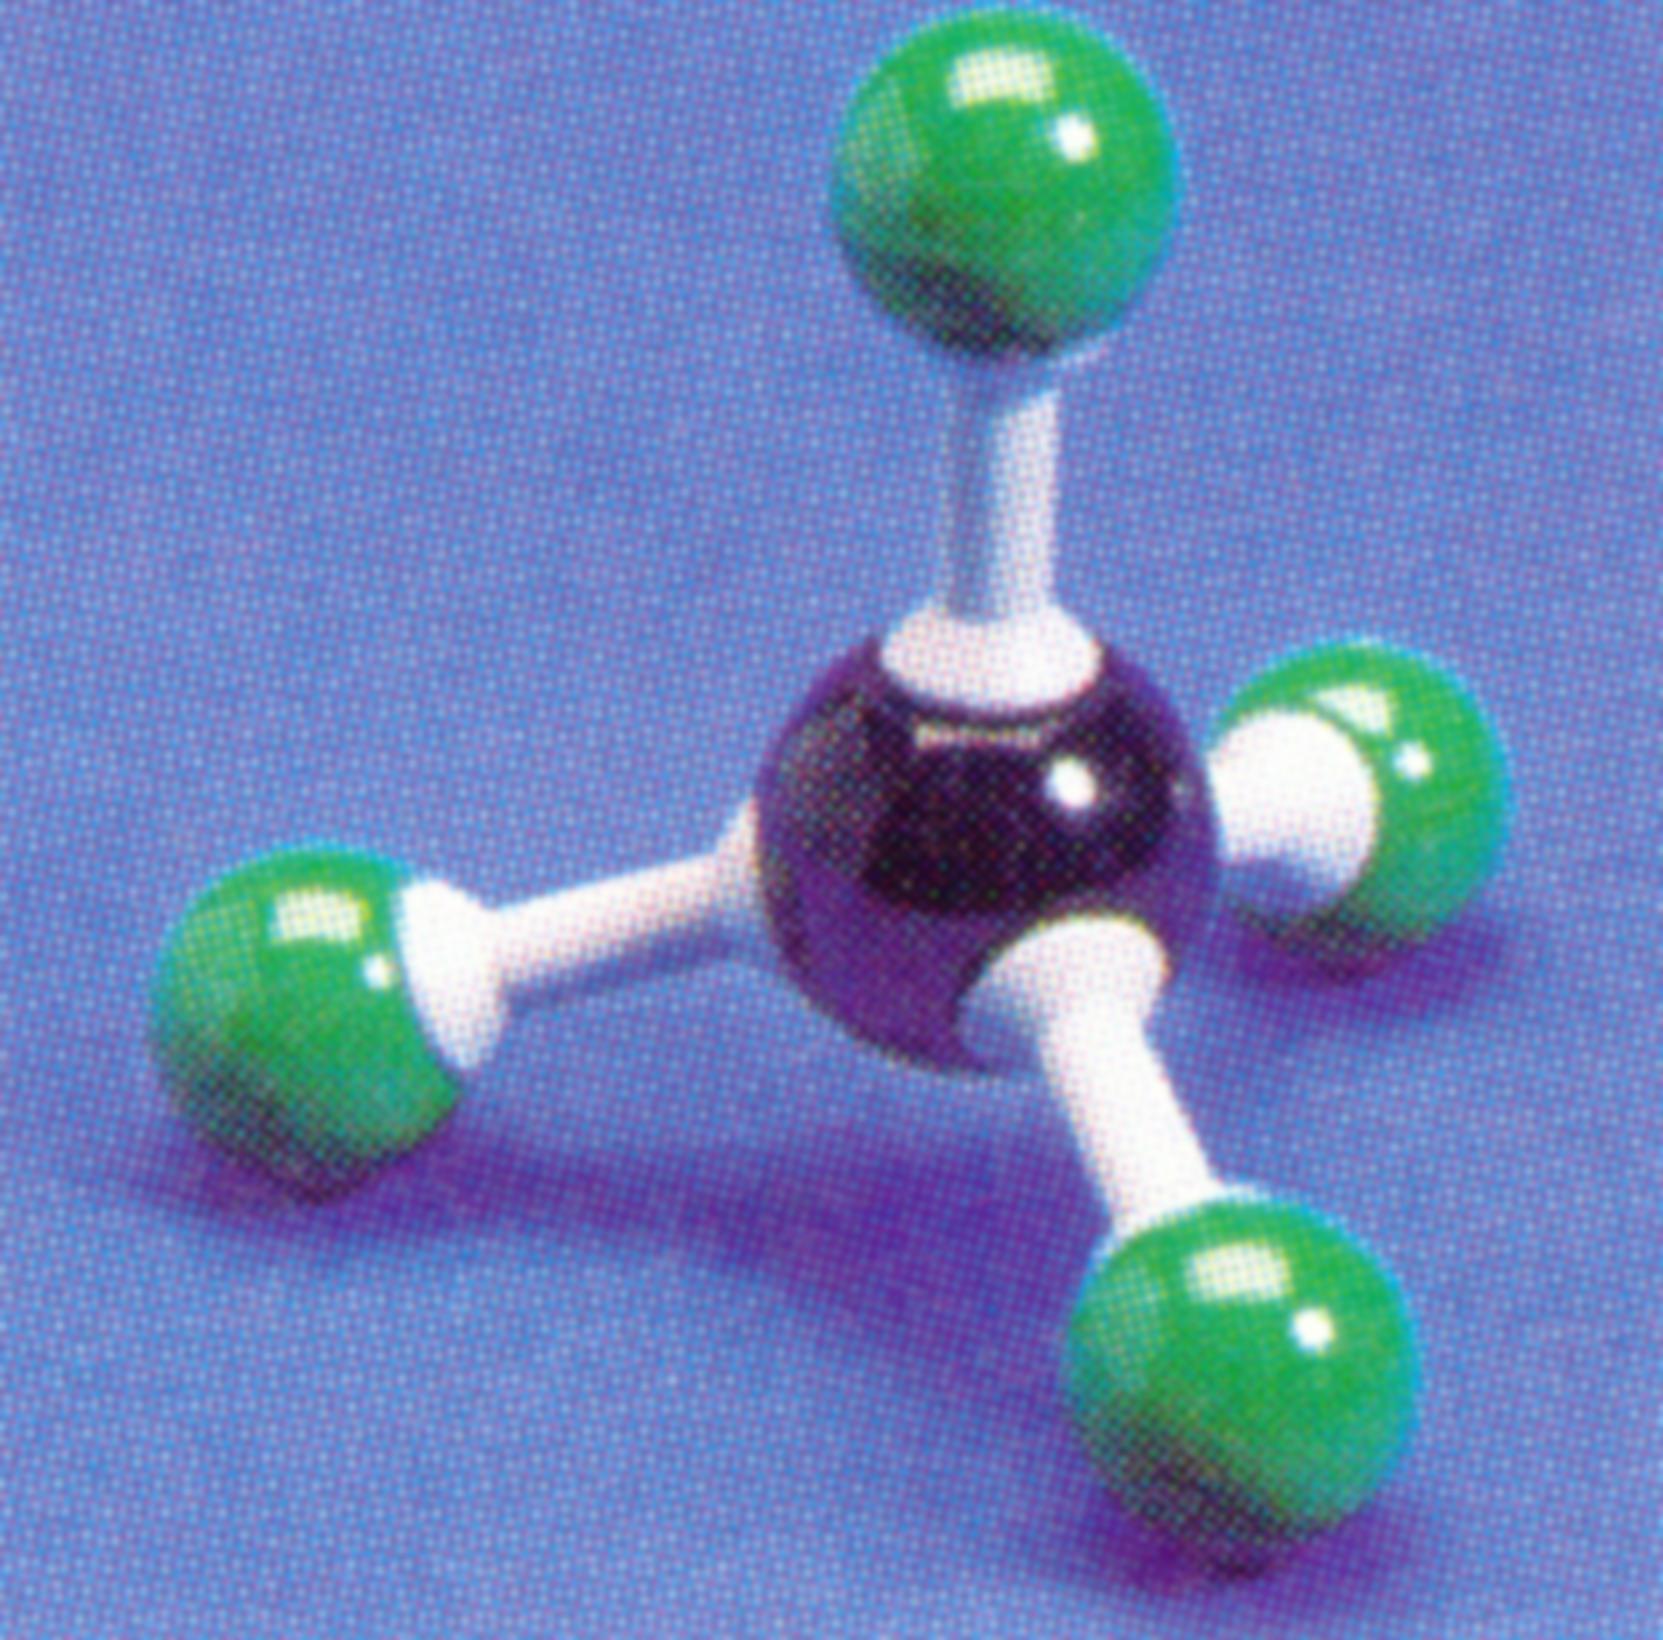 رباعي كلوريد الكربون Carbon tetrachloride